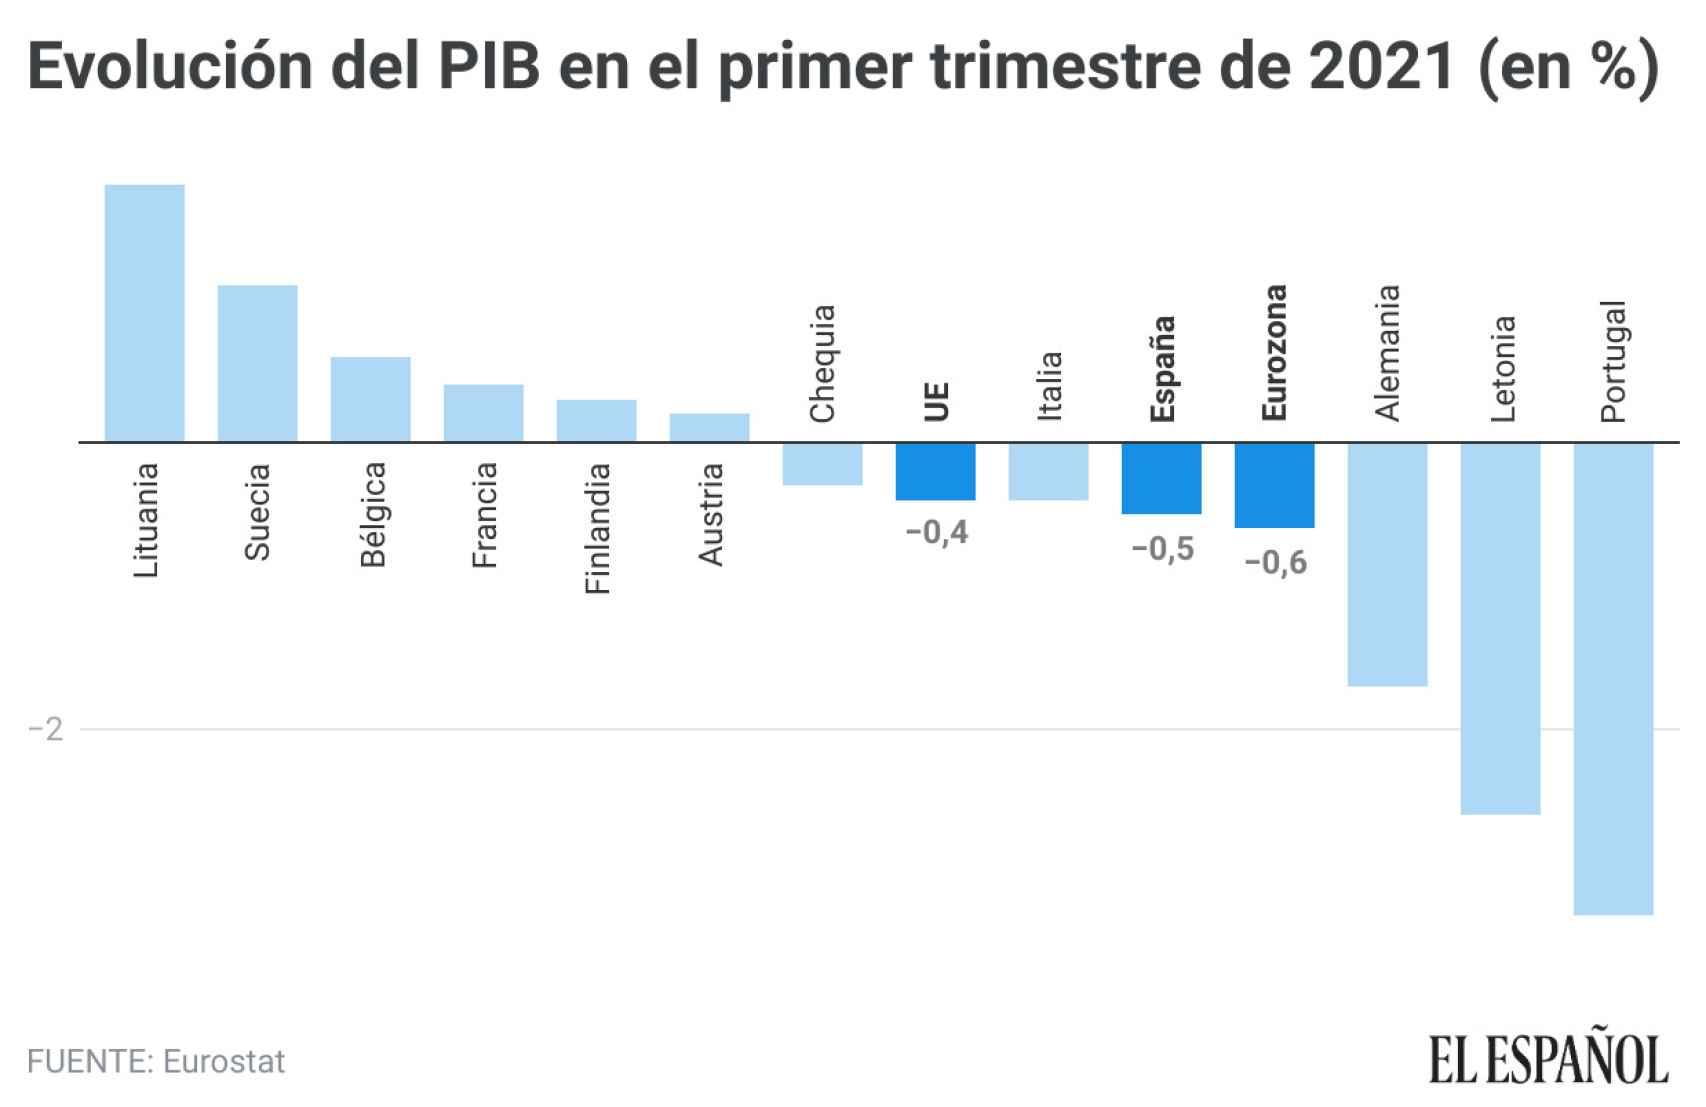 Evolución del PIB durante el primer trimestre